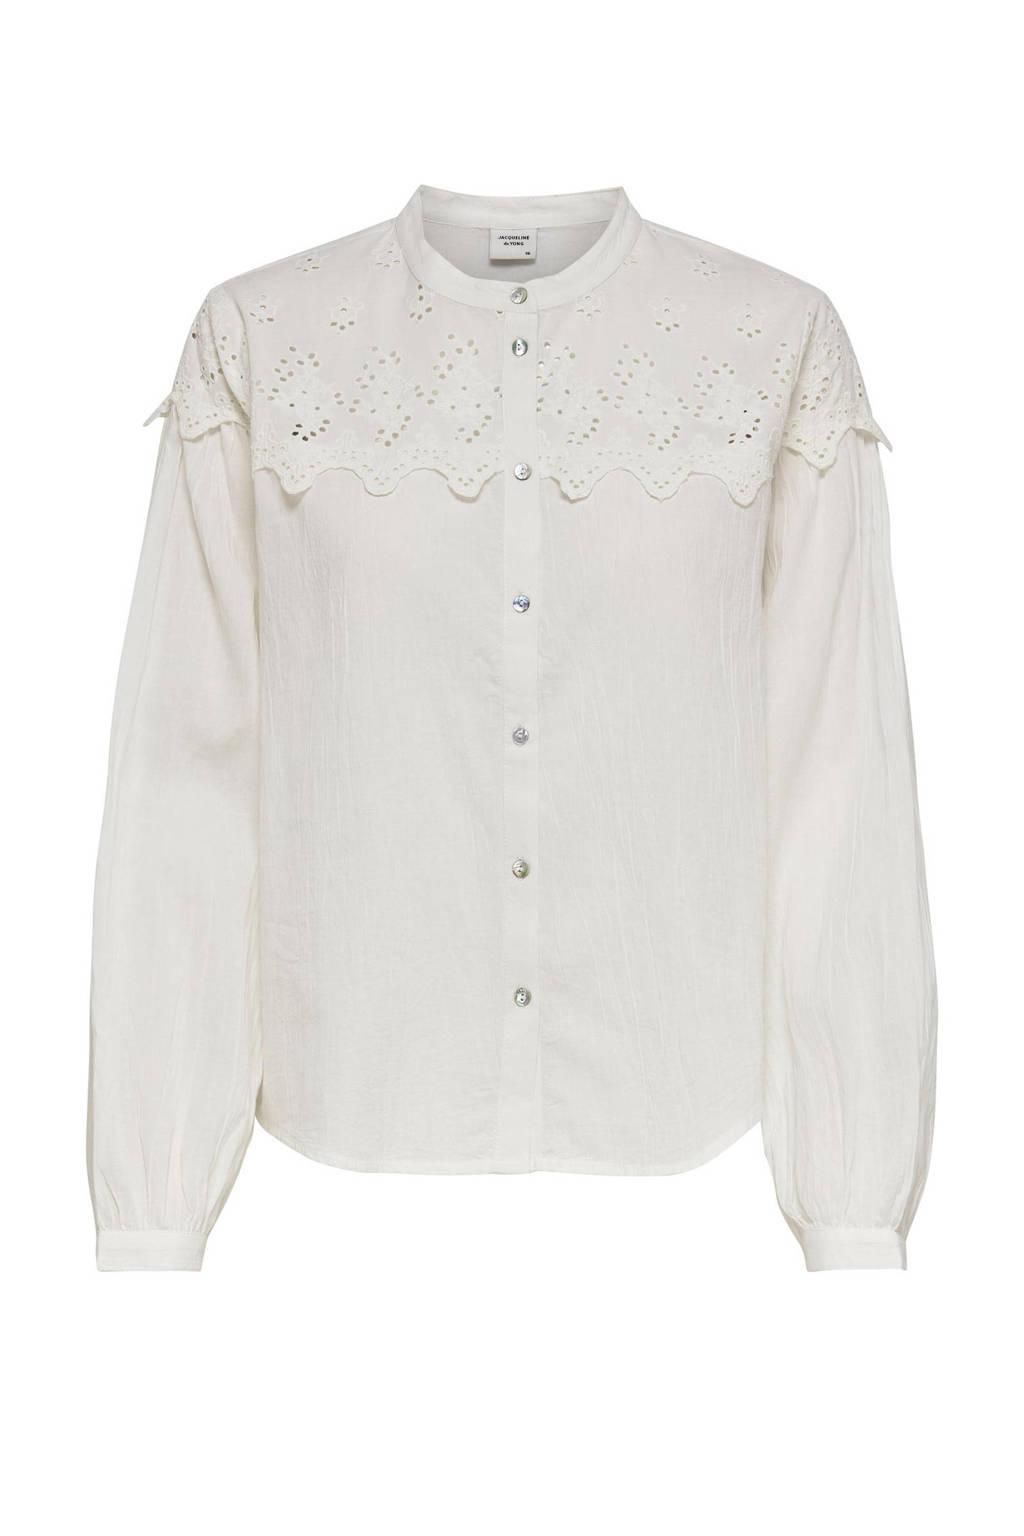 JACQUELINE DE YONG blouse met kant wit, Wit